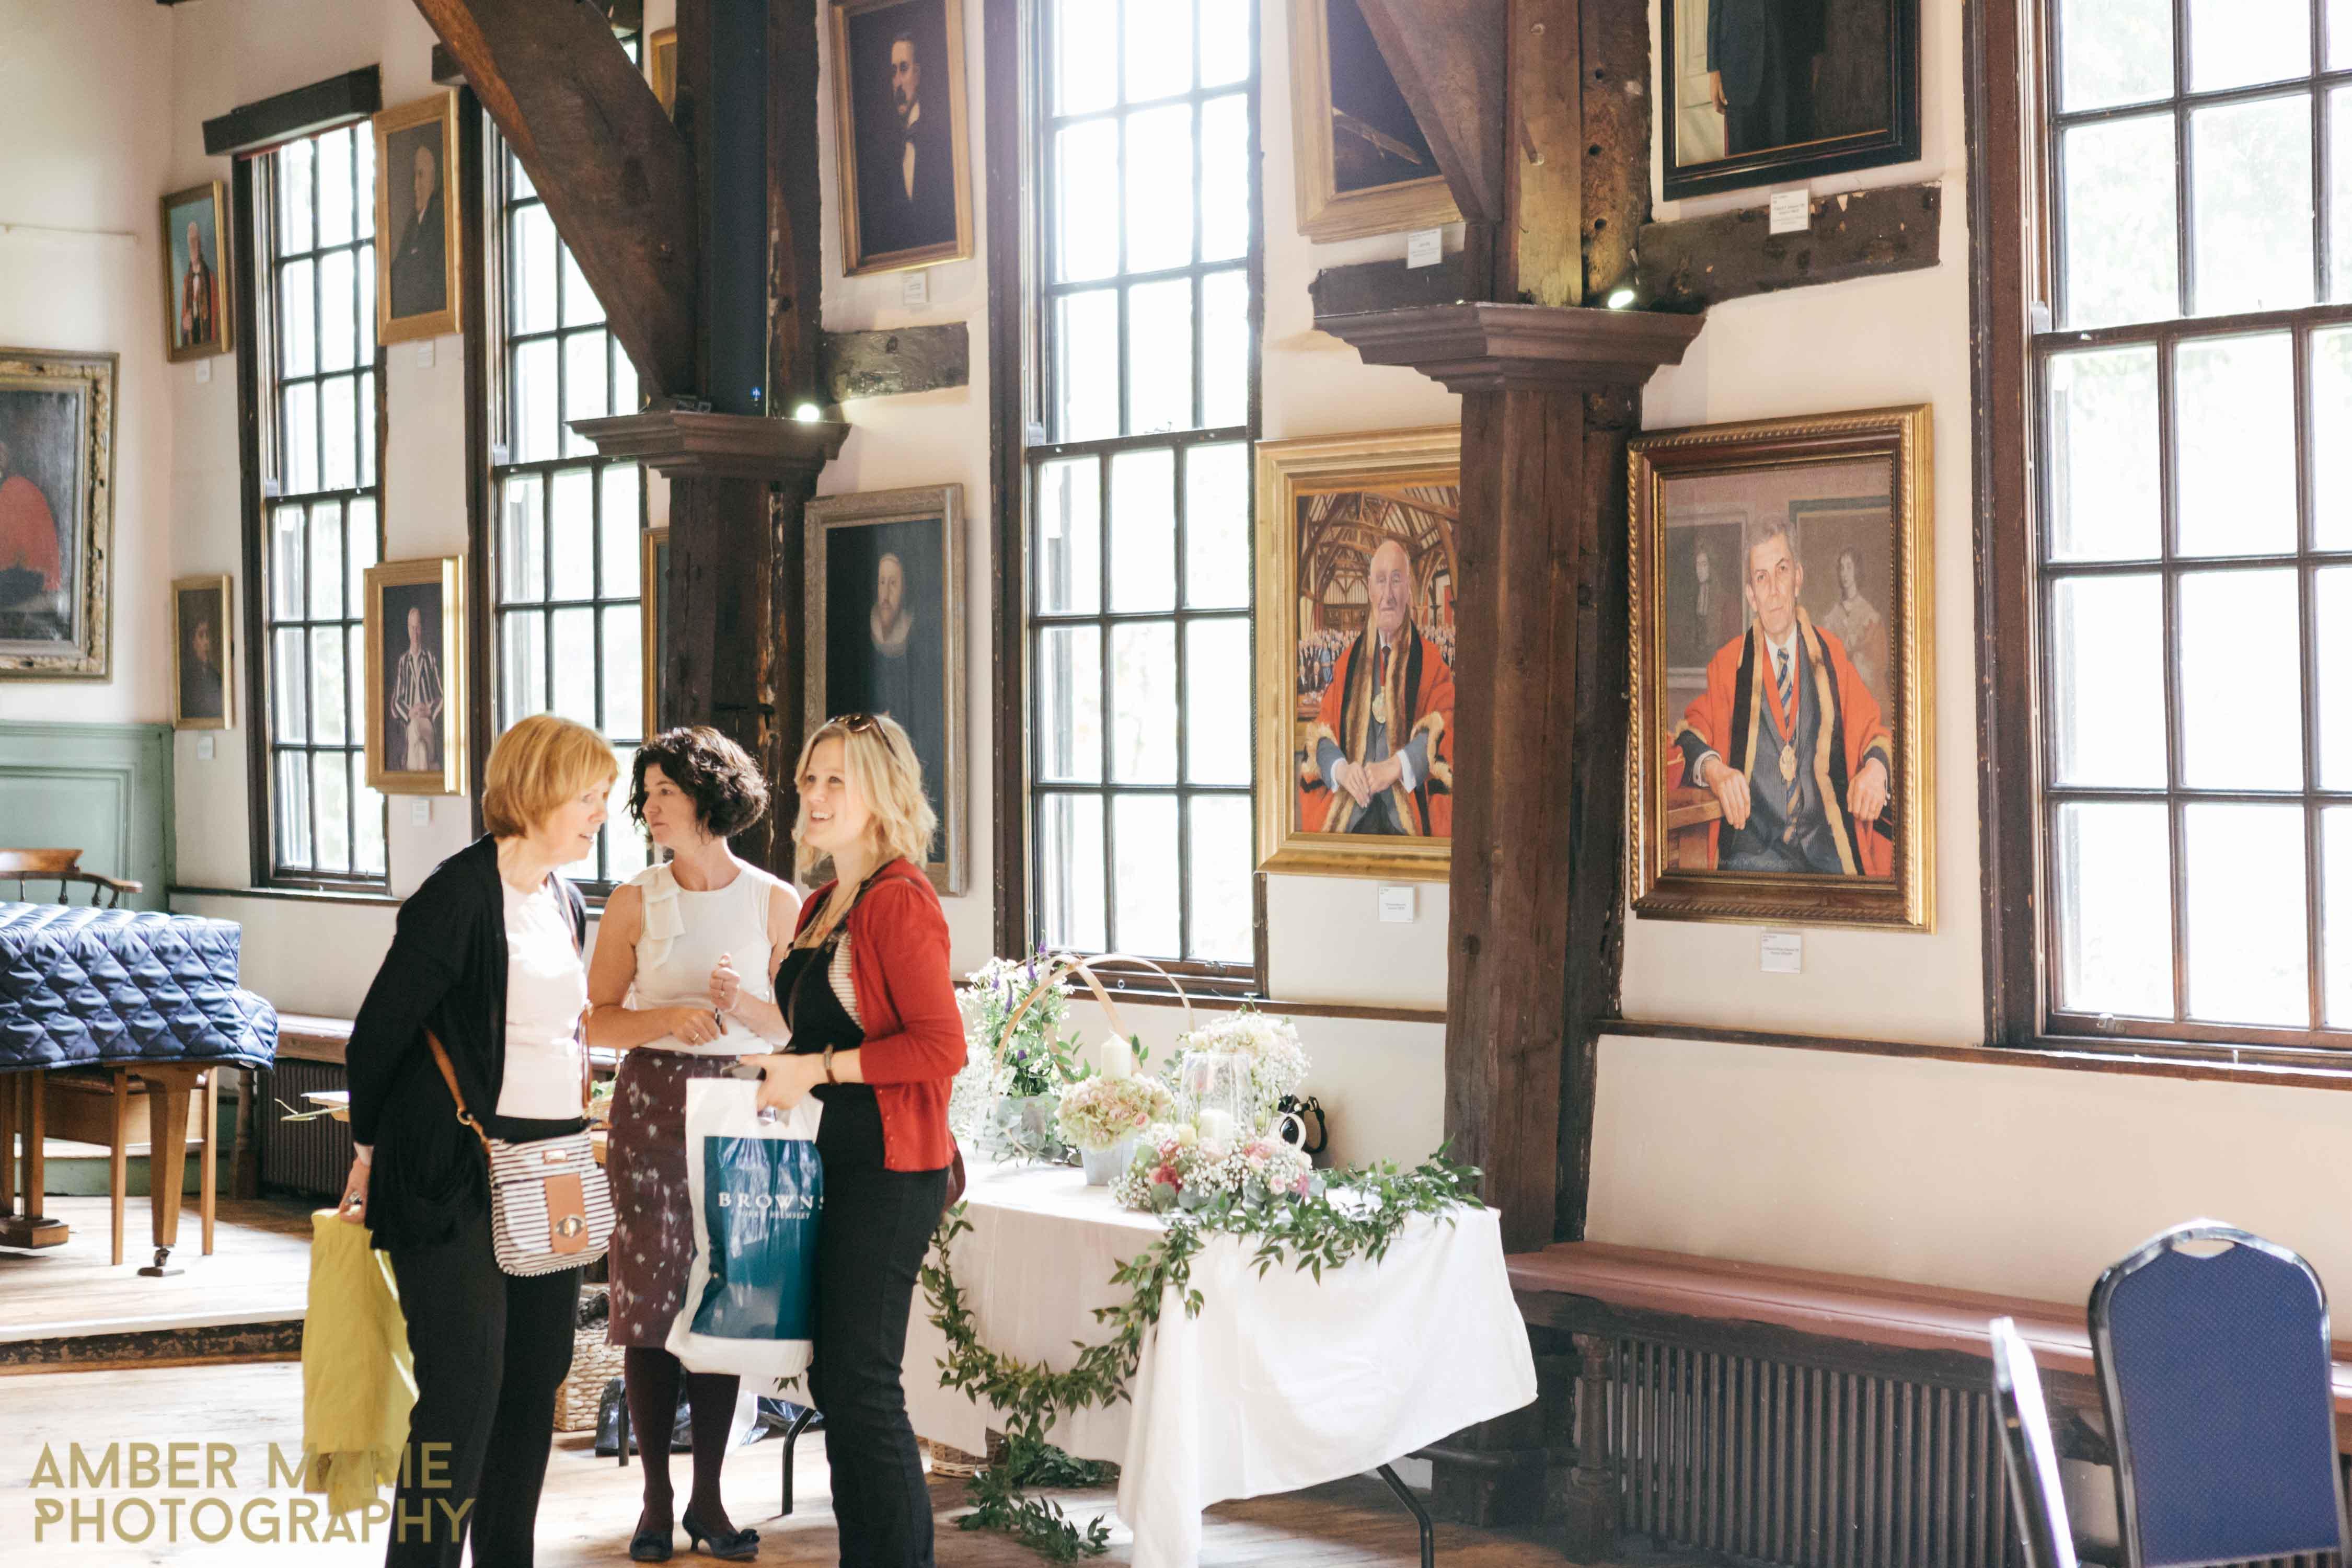 Merchants hall wedding photography Creative wedding photographers leeds yorkshire